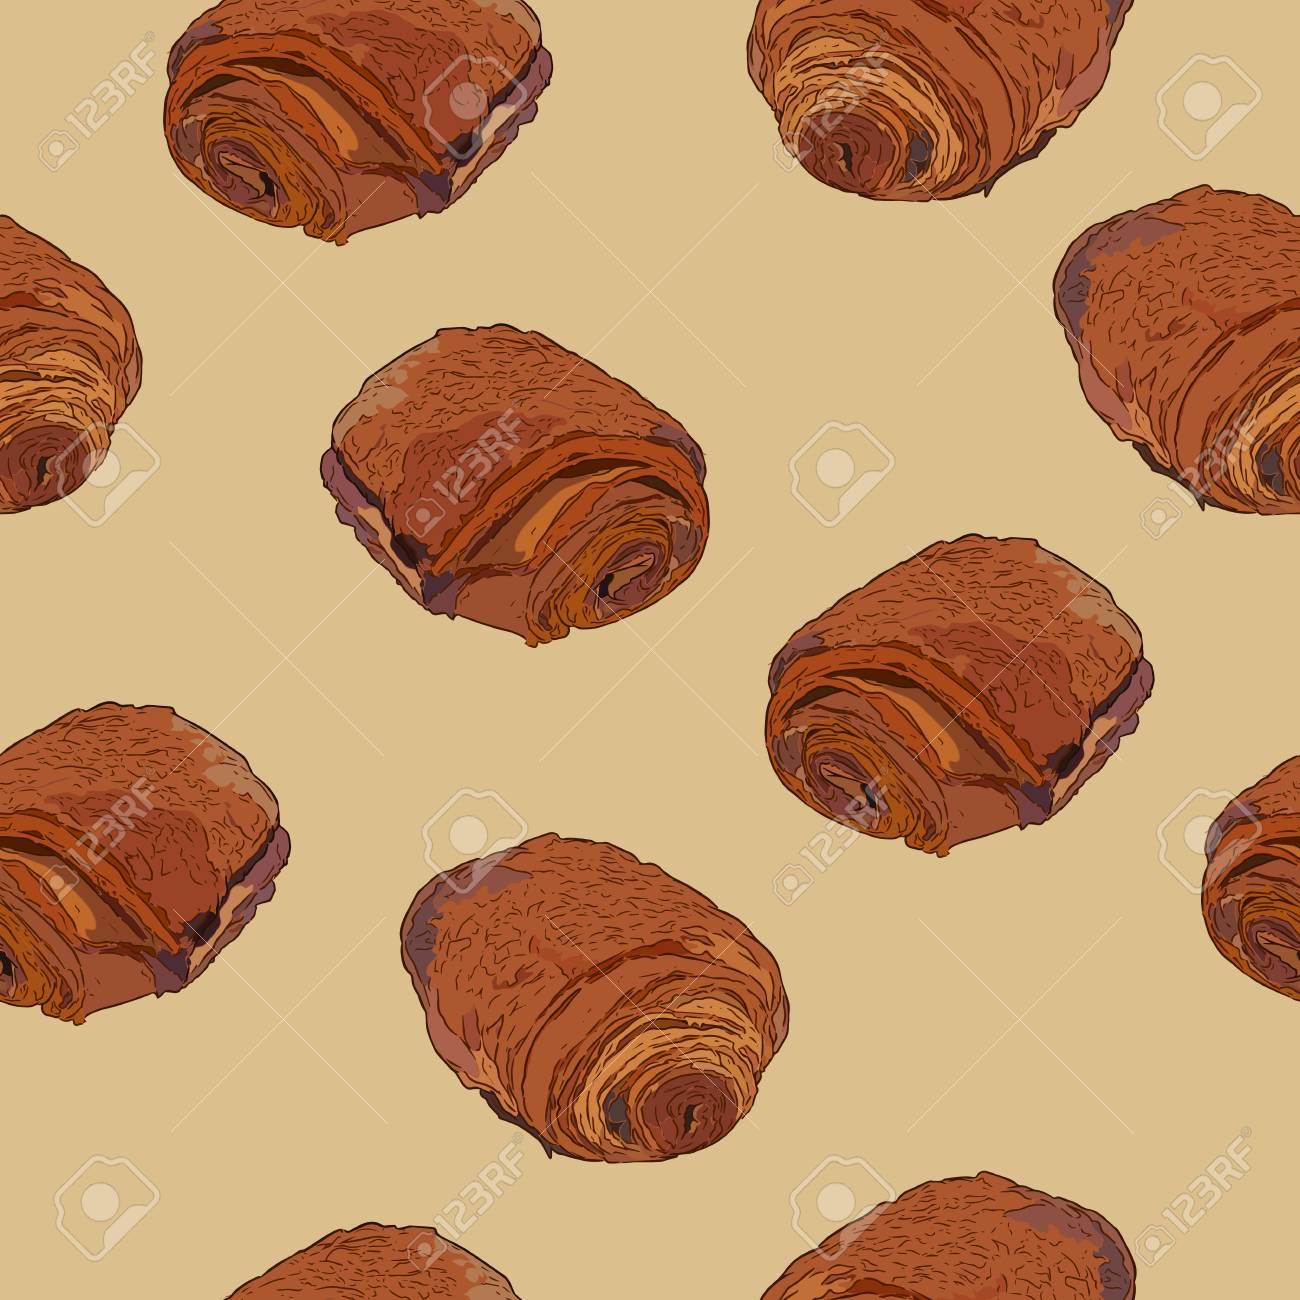 Croissants Au Chocolat Pain Au Chocolat Pâtisserie Traditionnelle Française Main Dessiner Le Vecteur De Modèle Sans Couture De Croquis